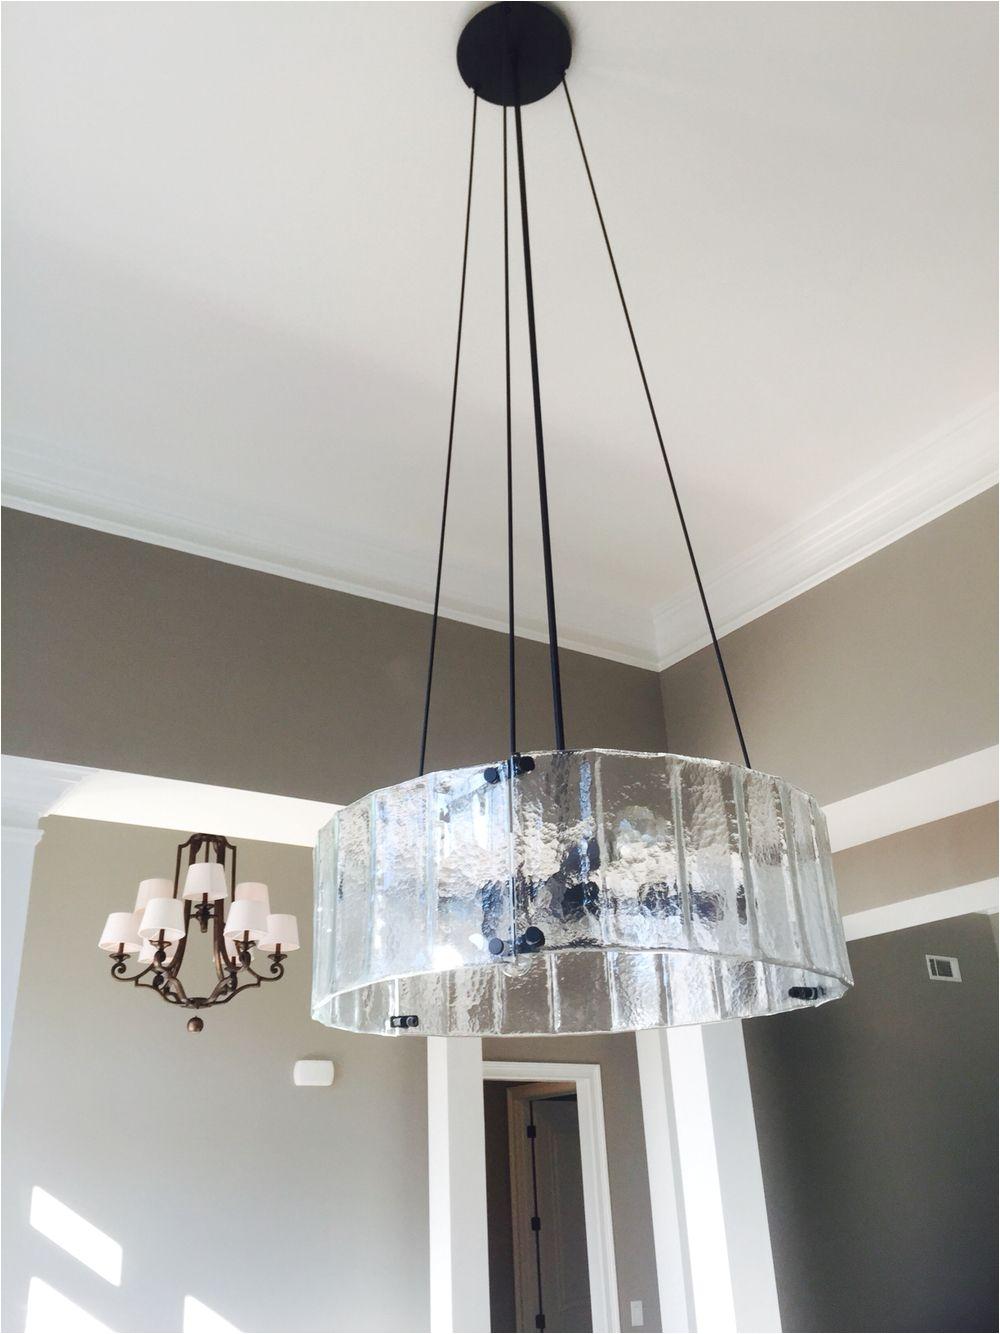 rejvenation glass drum light a· light fixturesdrums